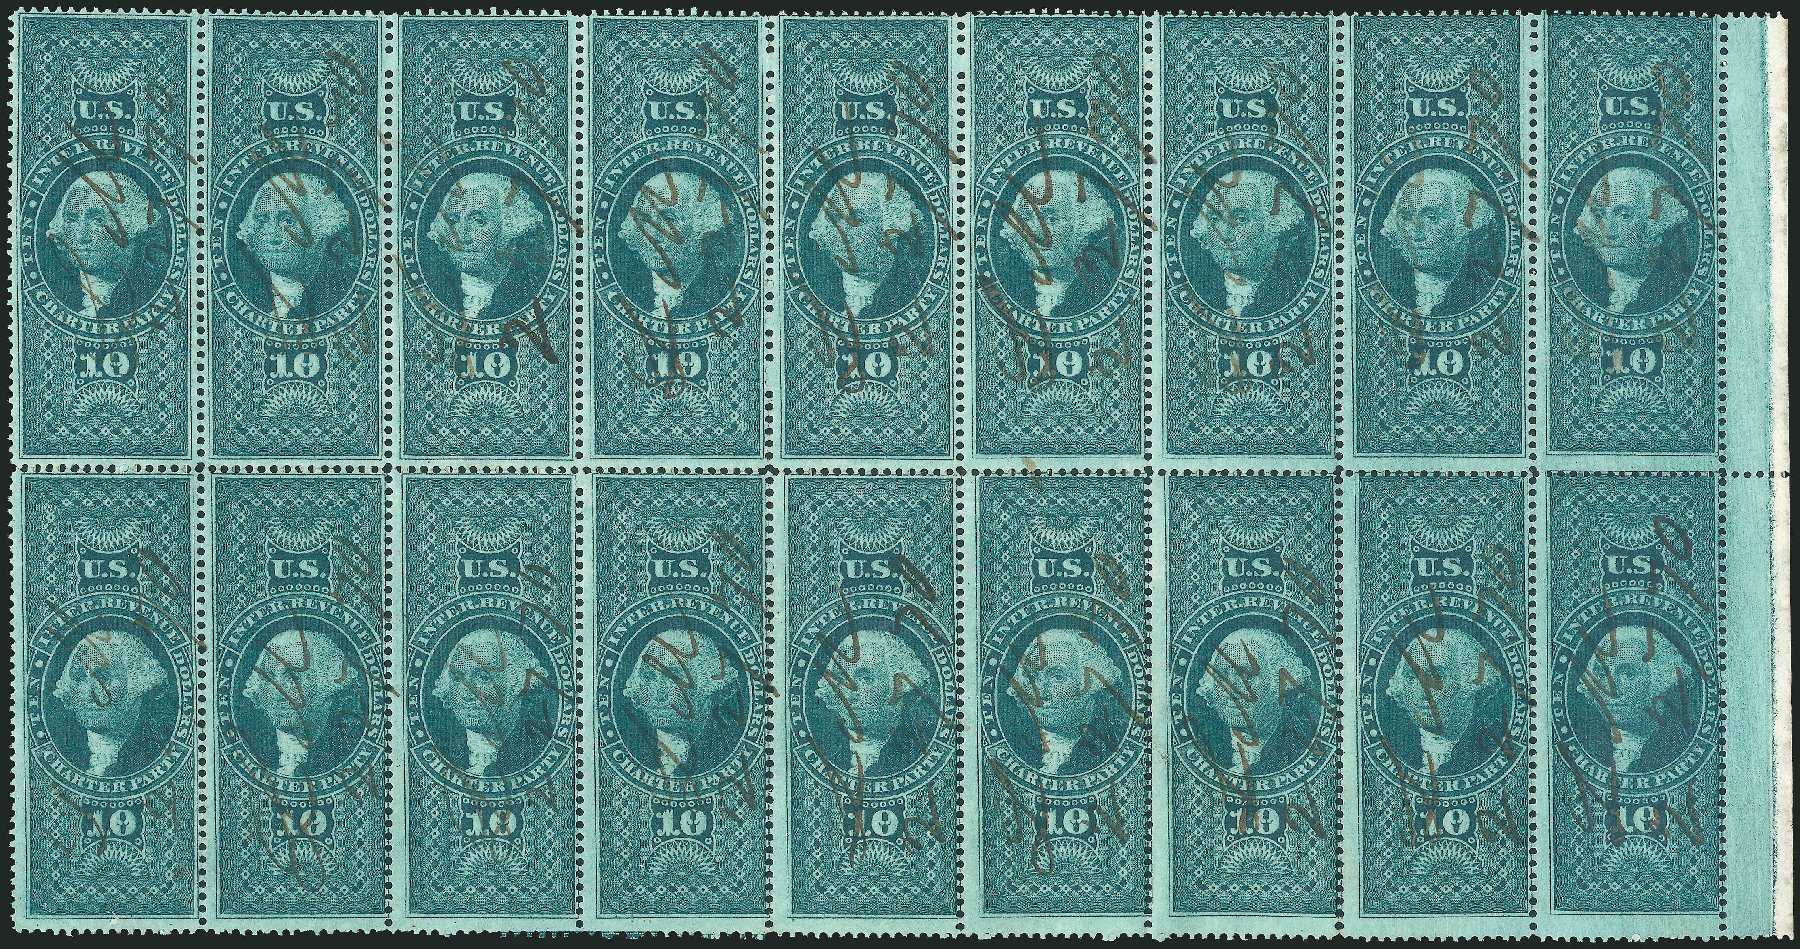 Value of US Stamps Scott R93 - US$10.00 1862 Revenue Charter Party. Robert Siegel Auction Galleries, Dec 2014, Sale 1089, Lot 440